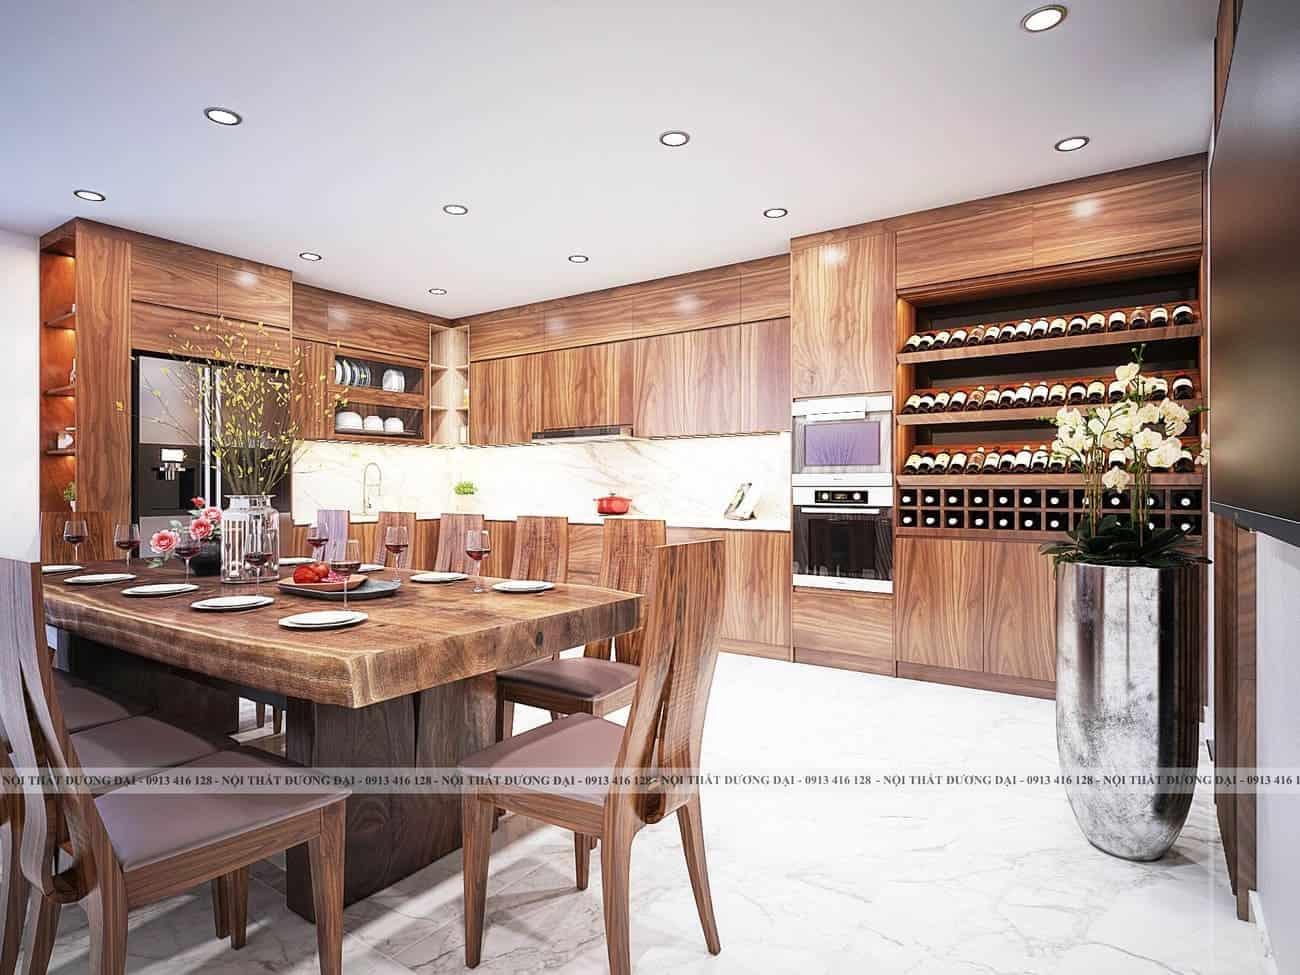 Tủ bếp từ gỗ công nghiệp Veneer có vẻ đẹp không kém gỗ tự nhiên